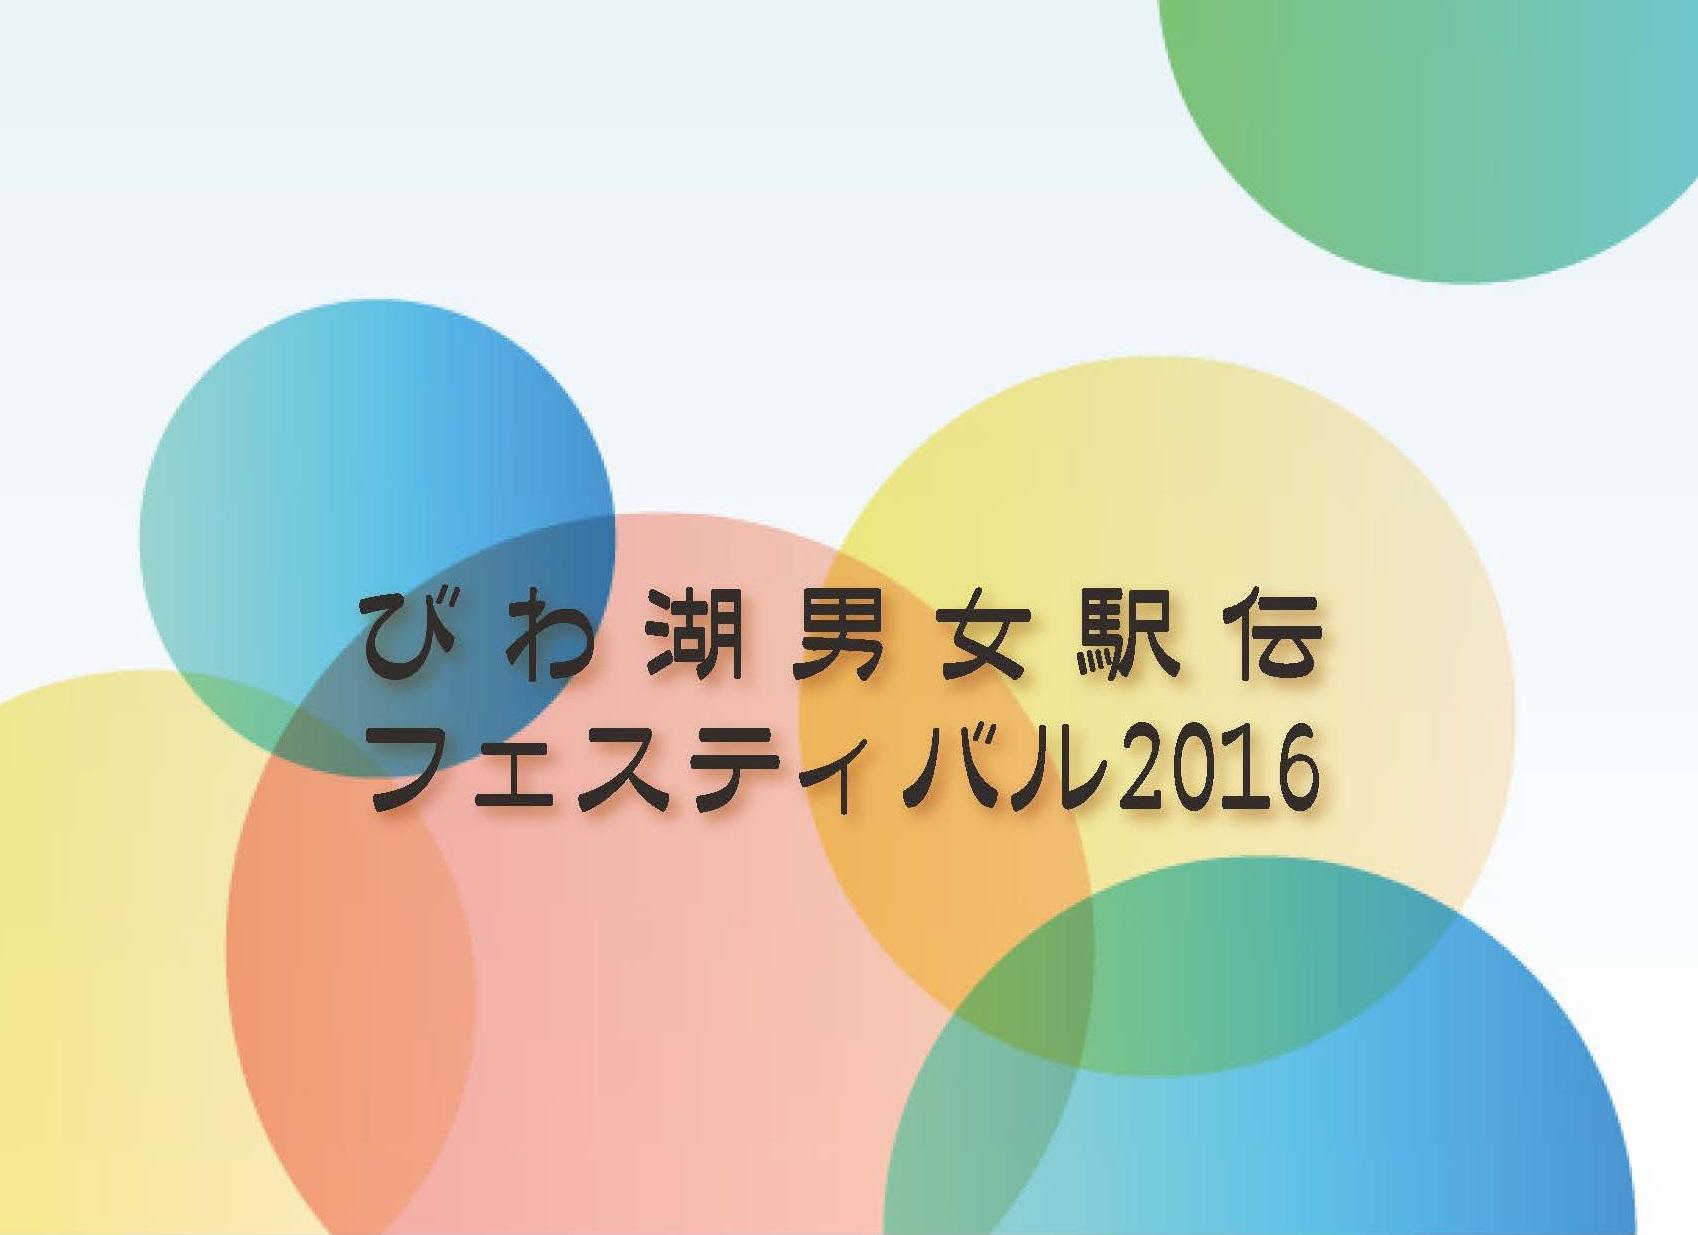 びわ湖男女駅伝フェスティバル2016エントリー締切迫る!!